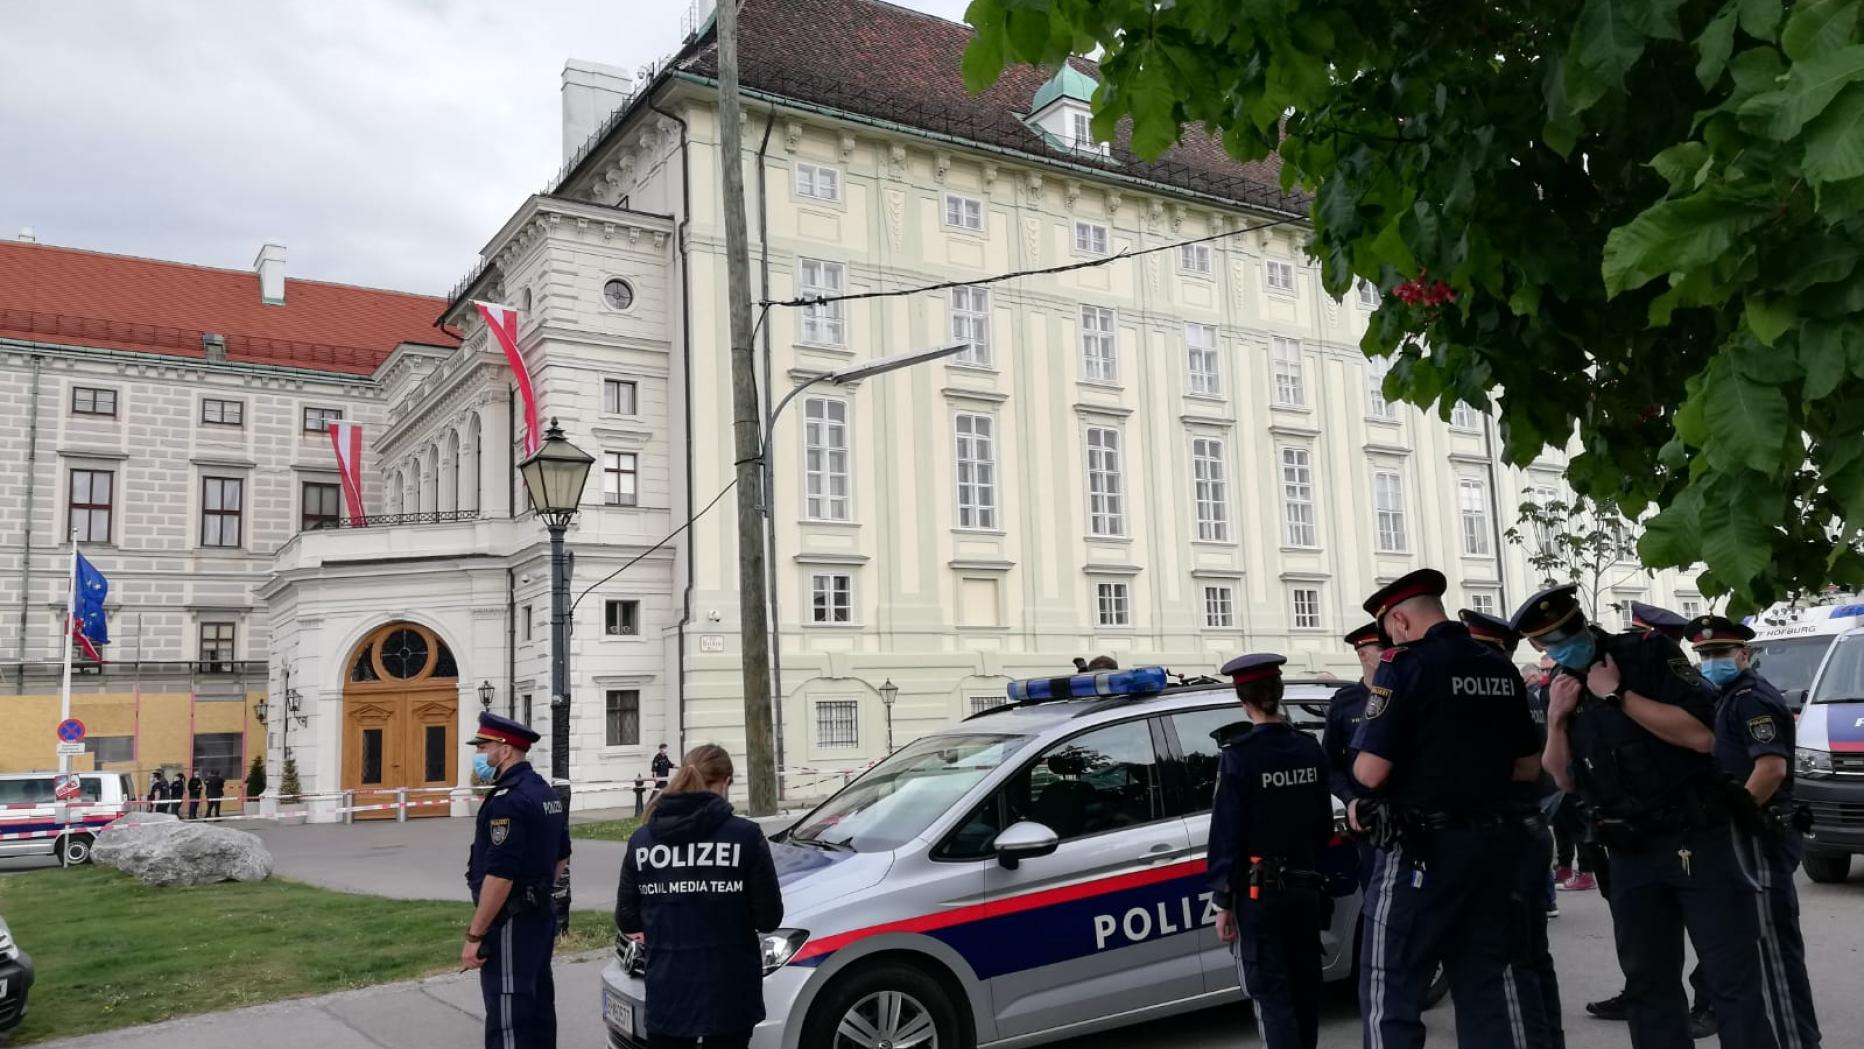 الداخلية النمساوية تعلن القبض على 47 مهربا للبشر فى إطار حملة أوروبية مشتركة